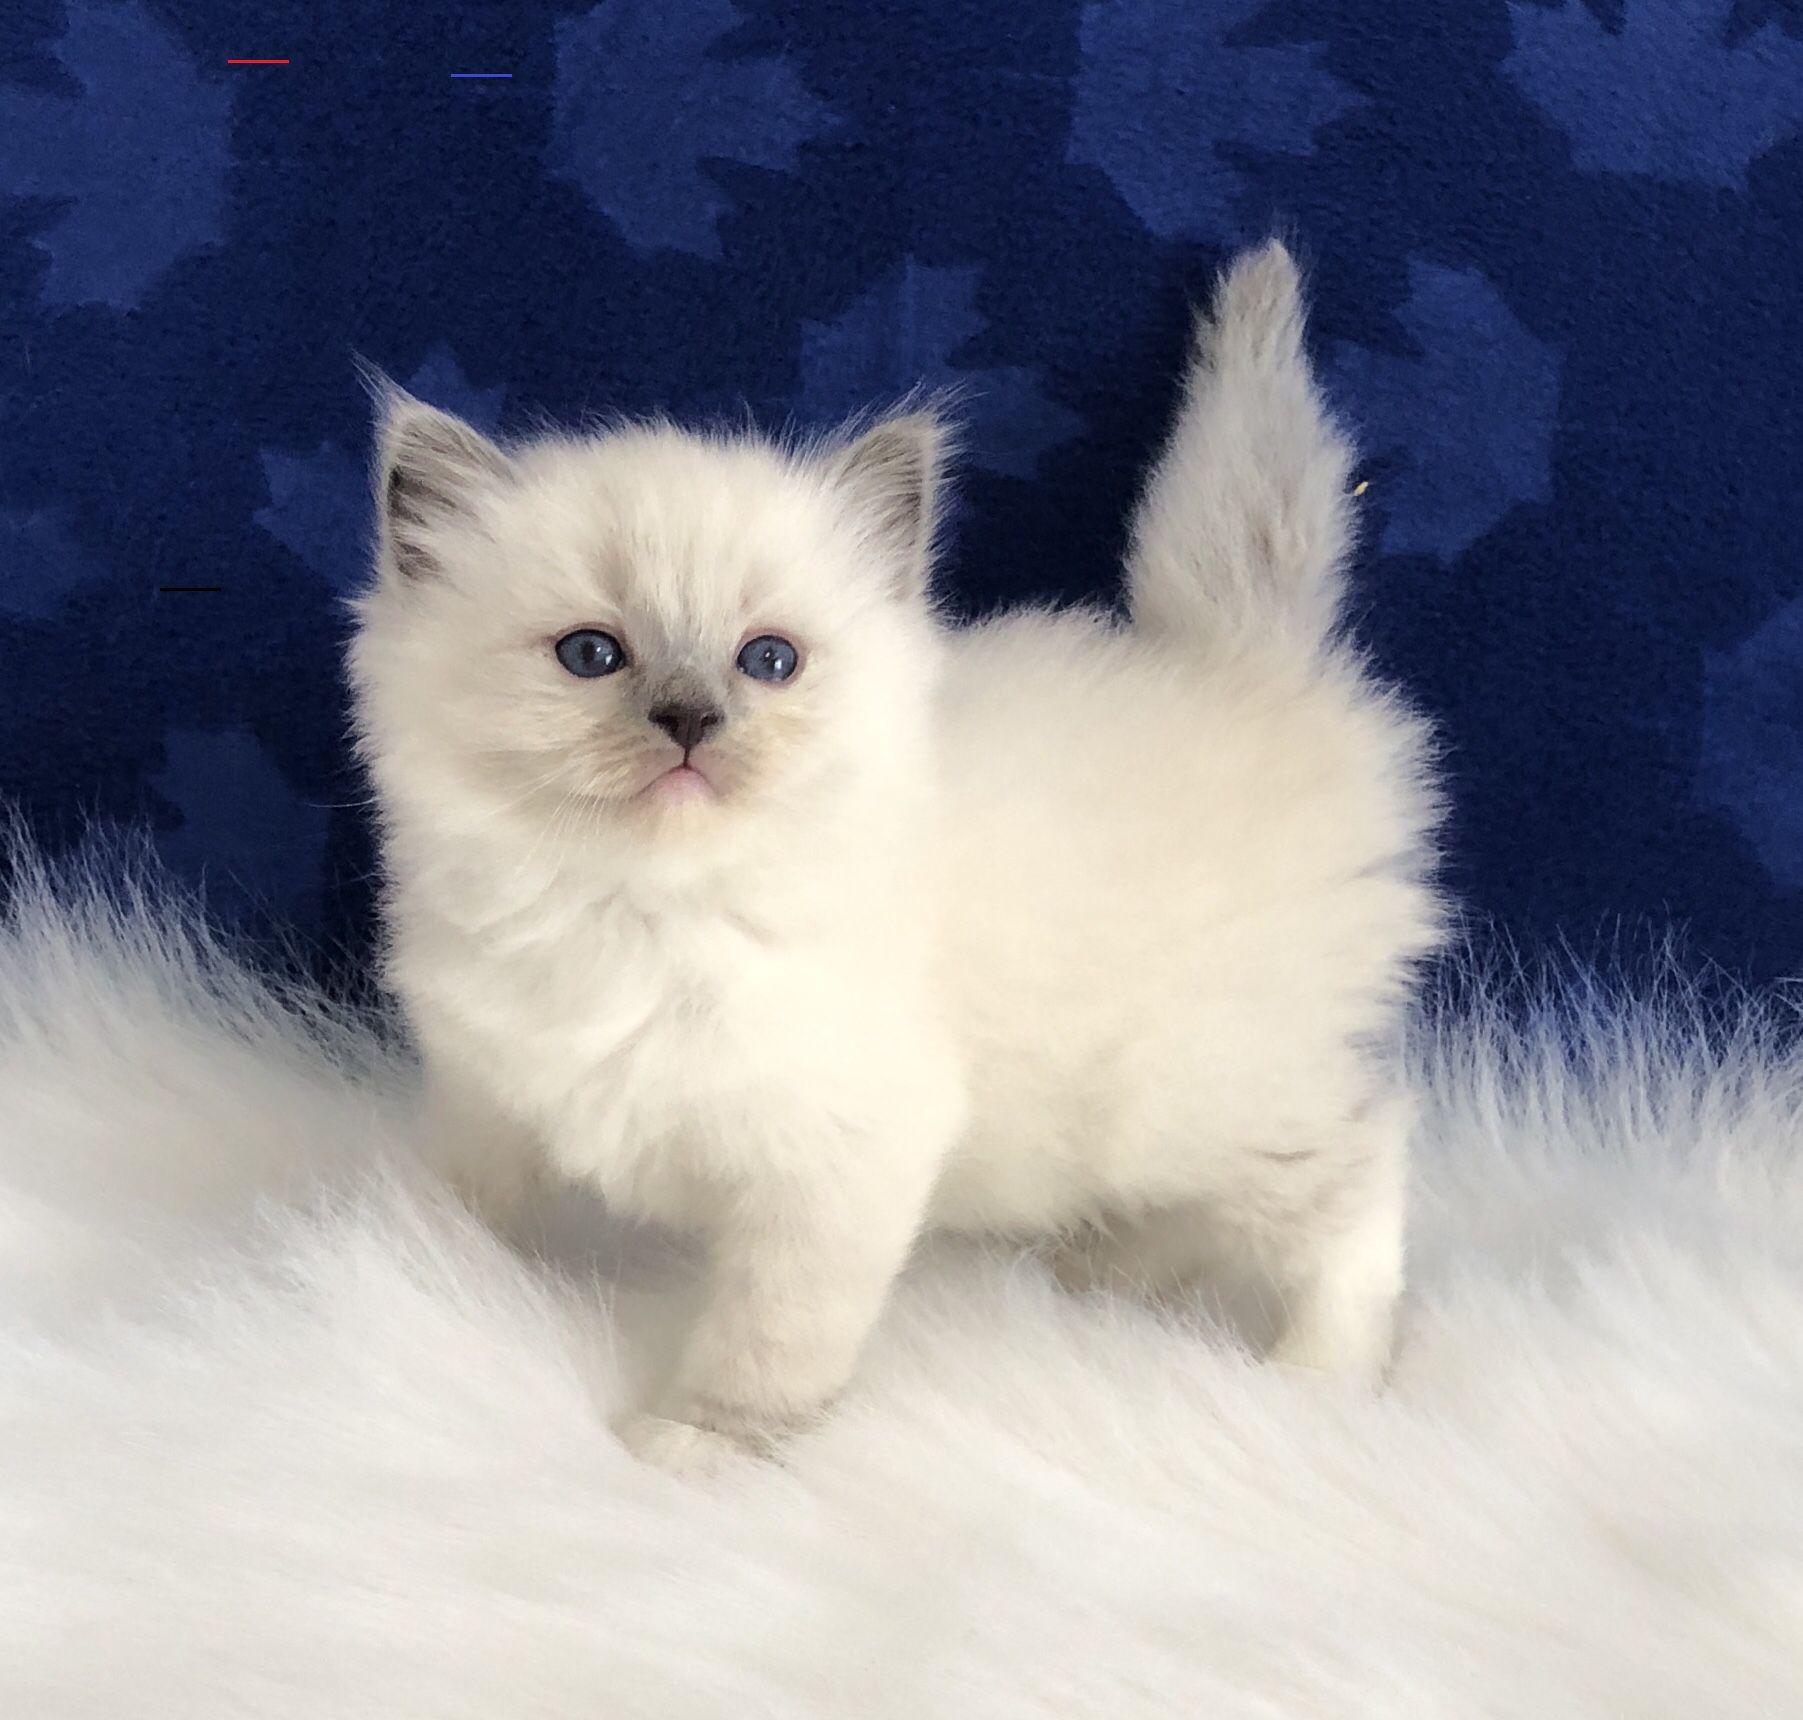 Ragdollkittens In 2020 Baby Katzen Flauschige Katze Katzenzuchter